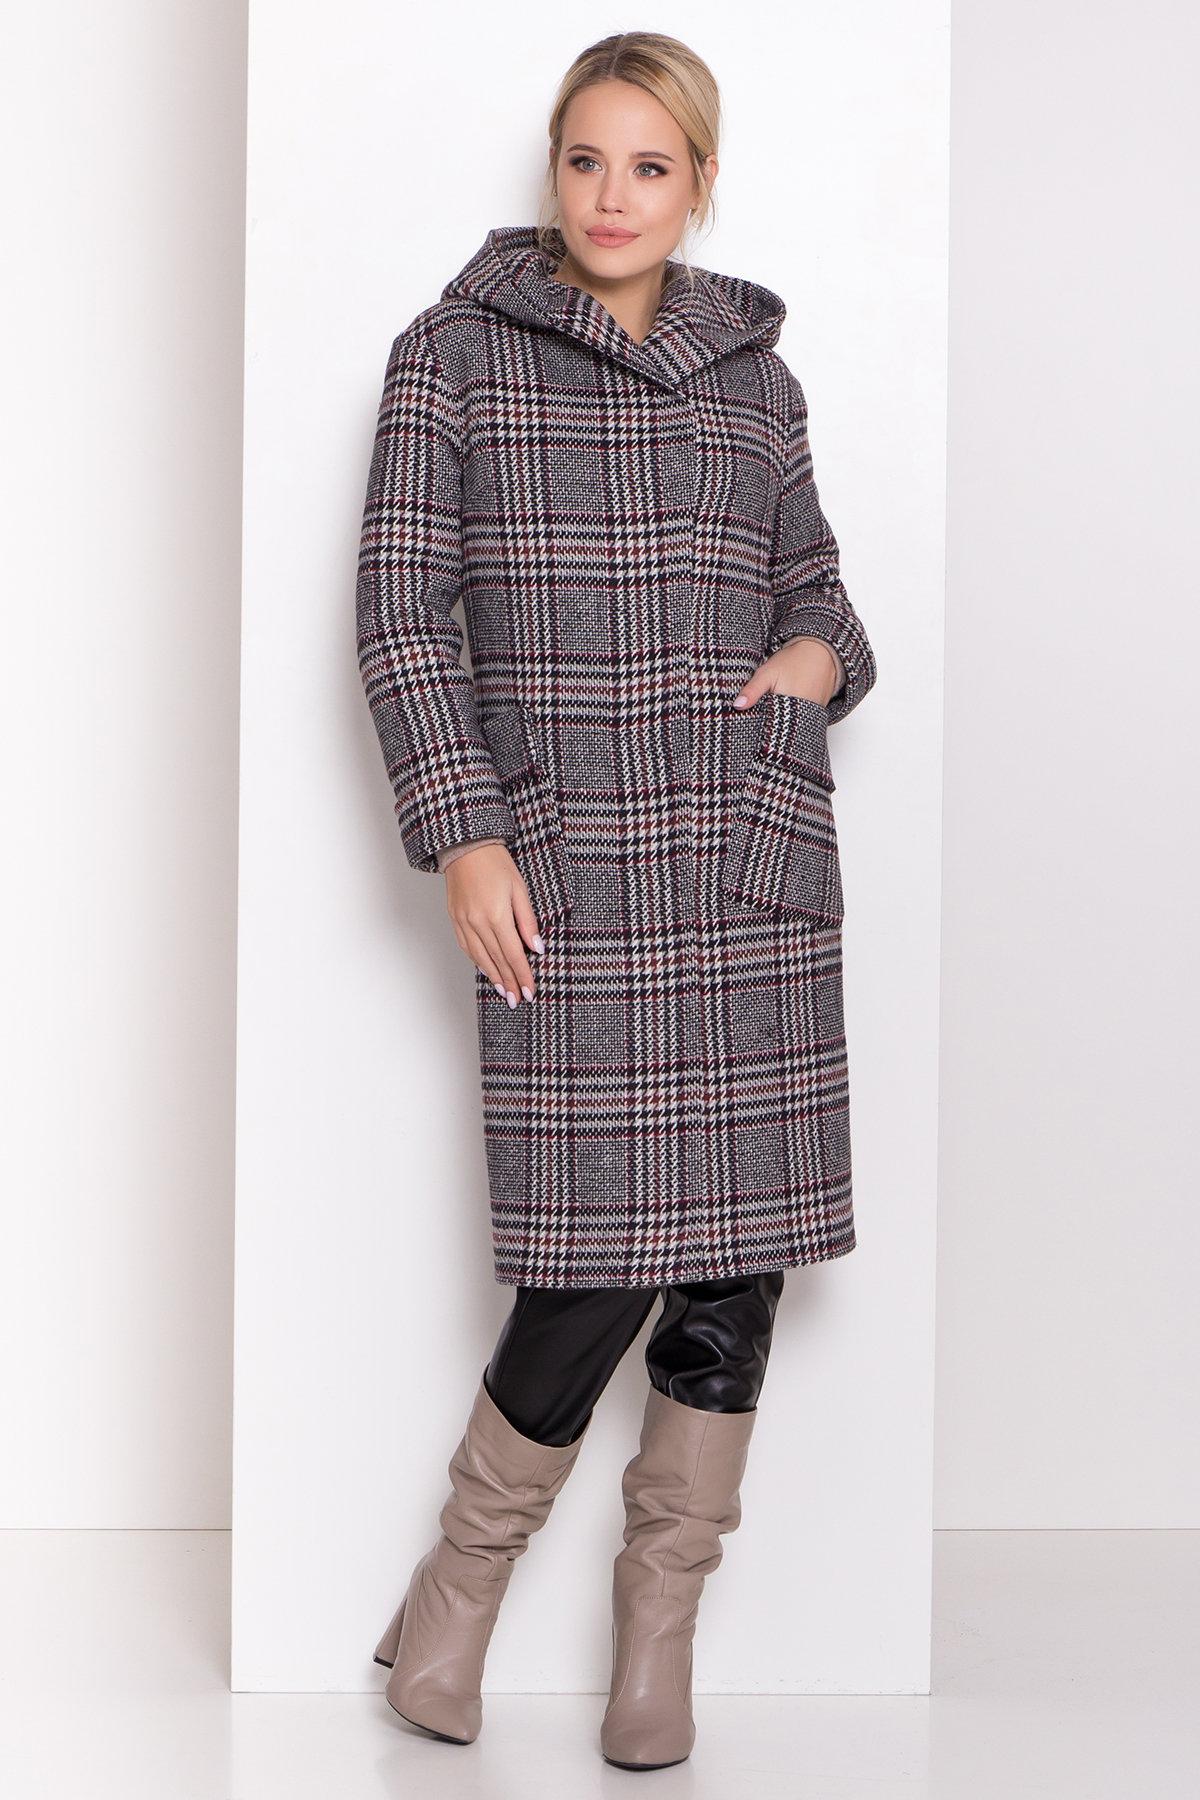 Зимнее пальто в стильную клетку Анджи 8276 АРТ. 44724 Цвет: Клетка кр черн/сер/вин - фото 7, интернет магазин tm-modus.ru